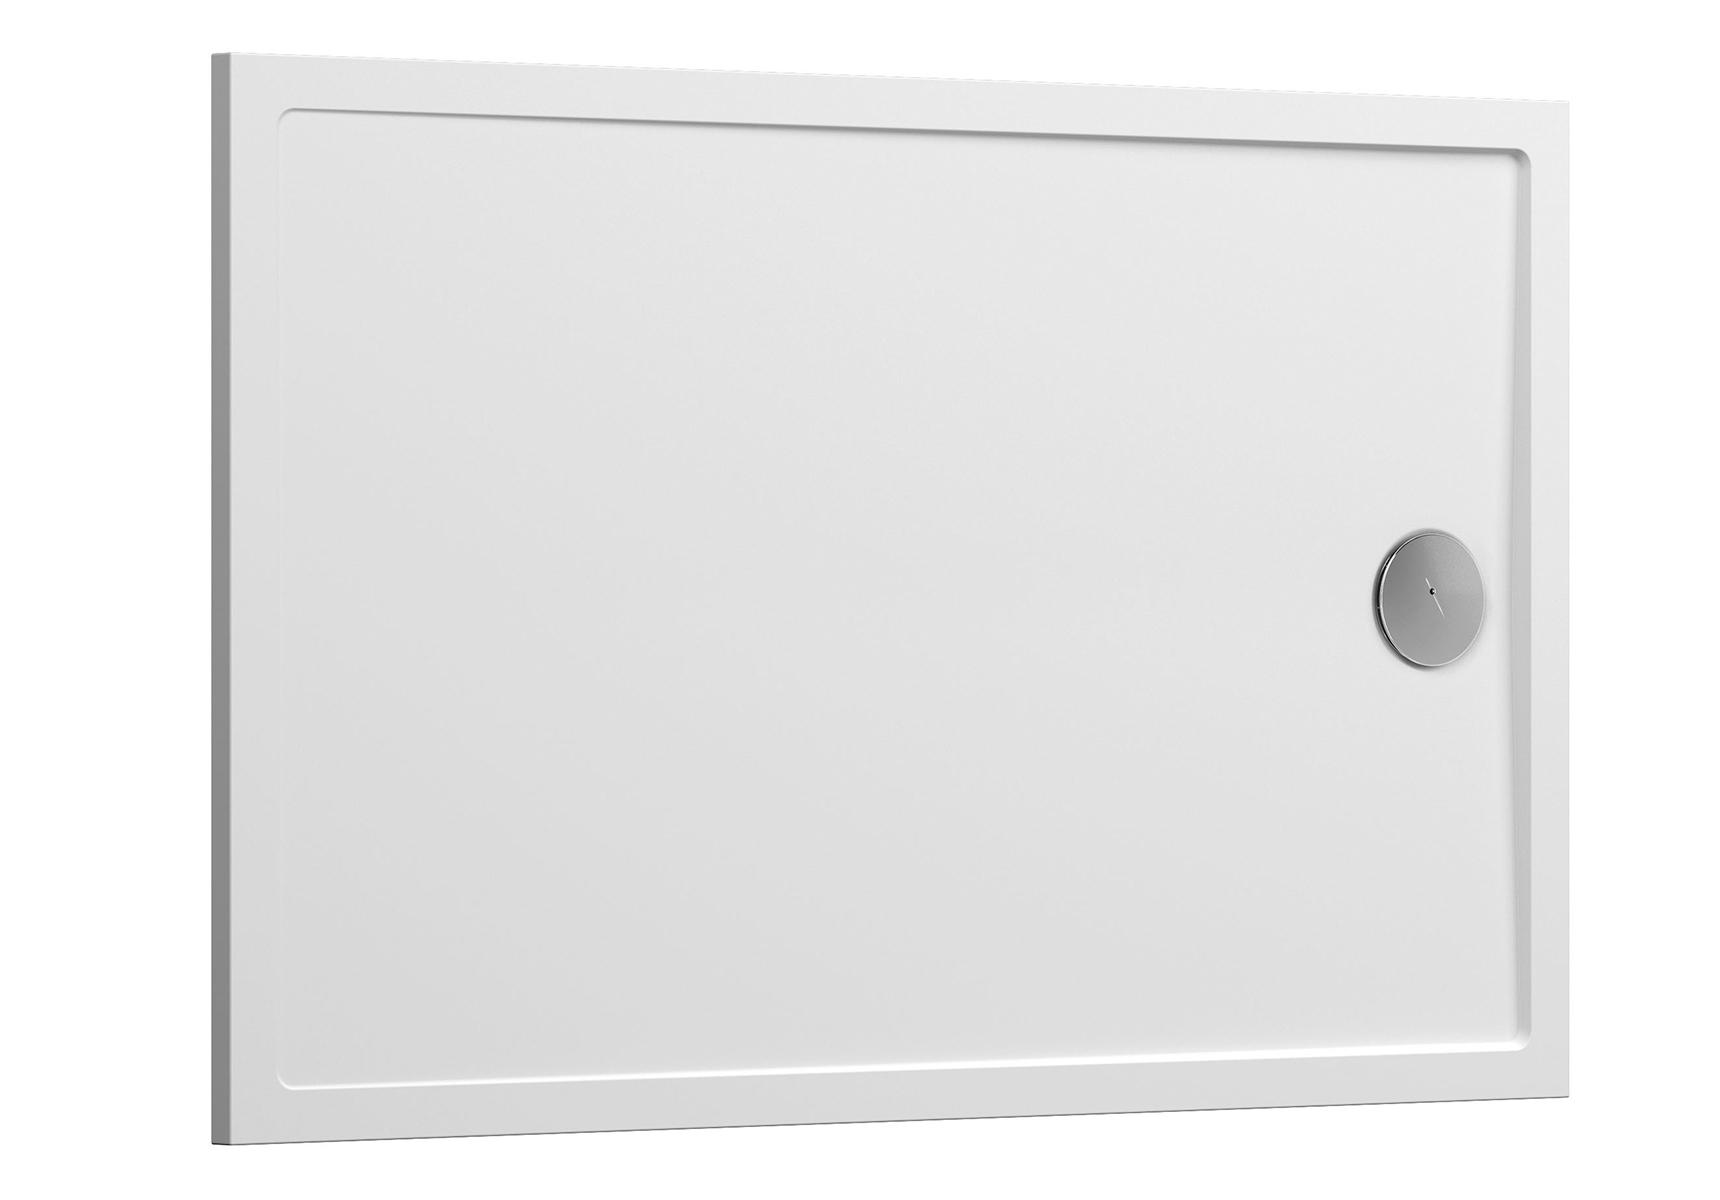 Aruna receveur ultra plat, 120  x  80 cm, en pierre m³ solide